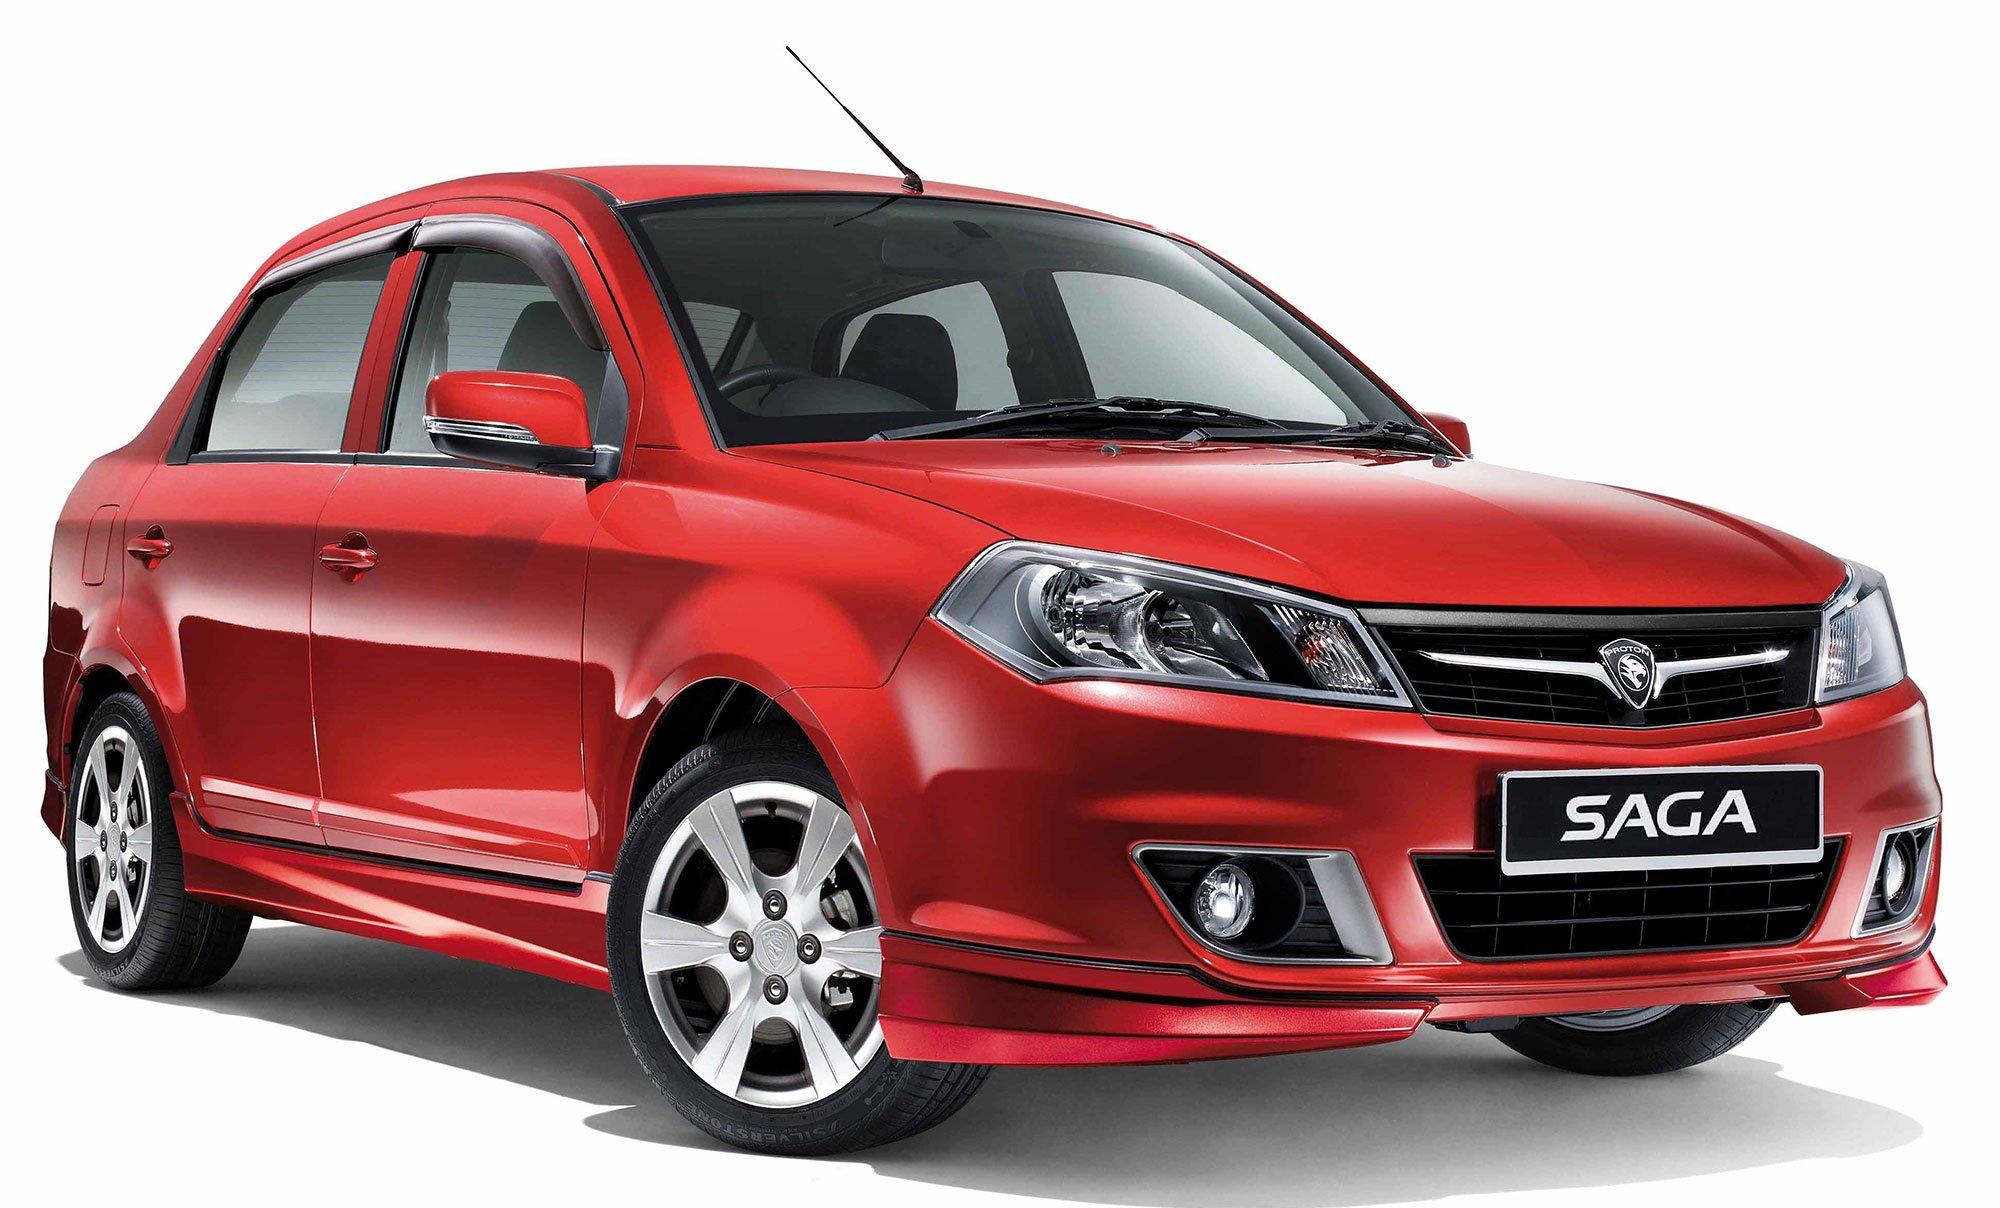 Saga Car Insurance Reviews